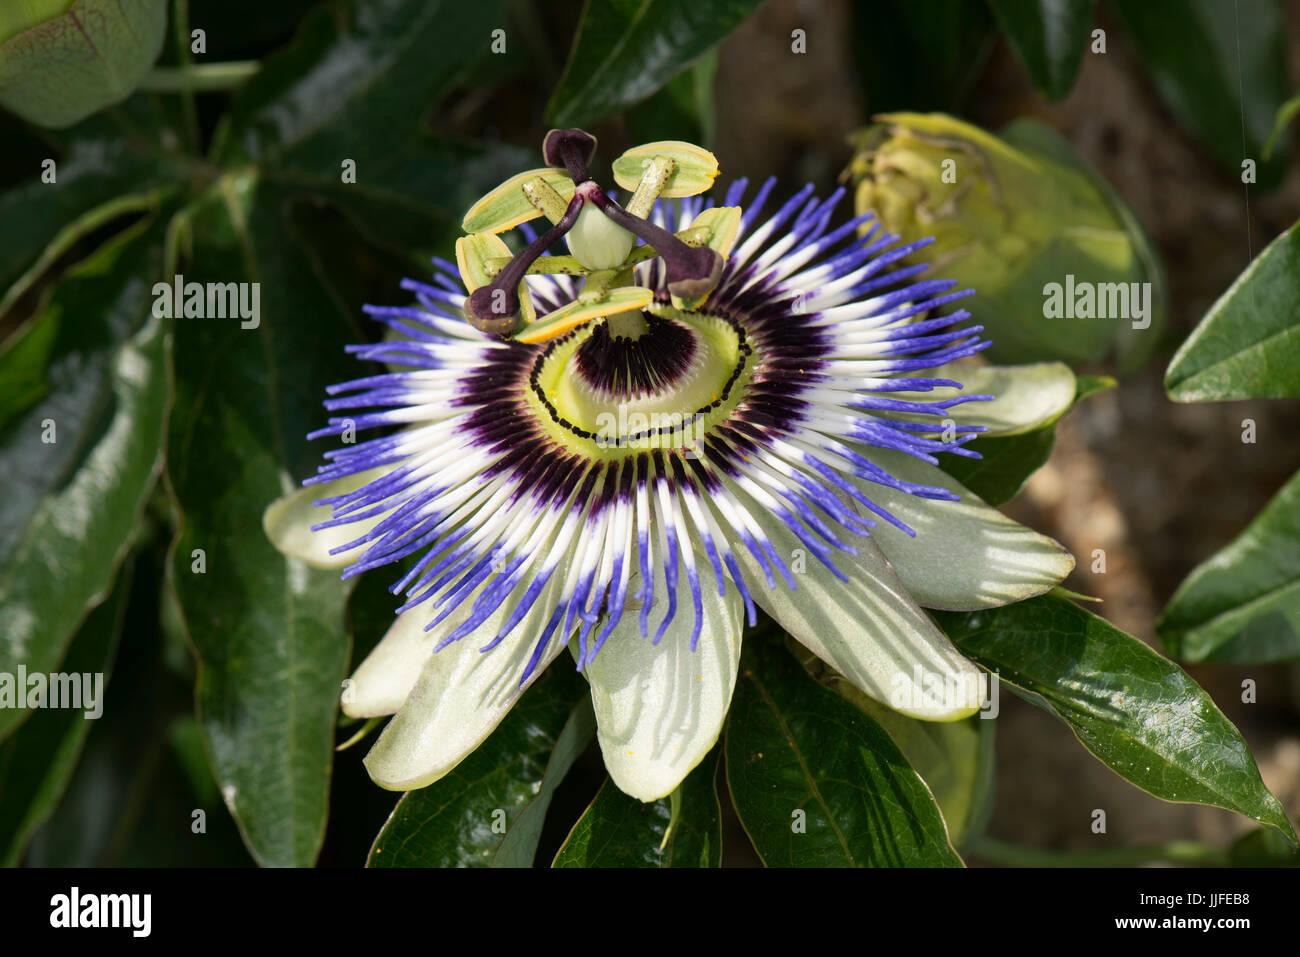 Il Blu fiore della passione, Passiflora caerulea, completamente aperto e dimostrare diversi simboli della fede cristiana Immagini Stock